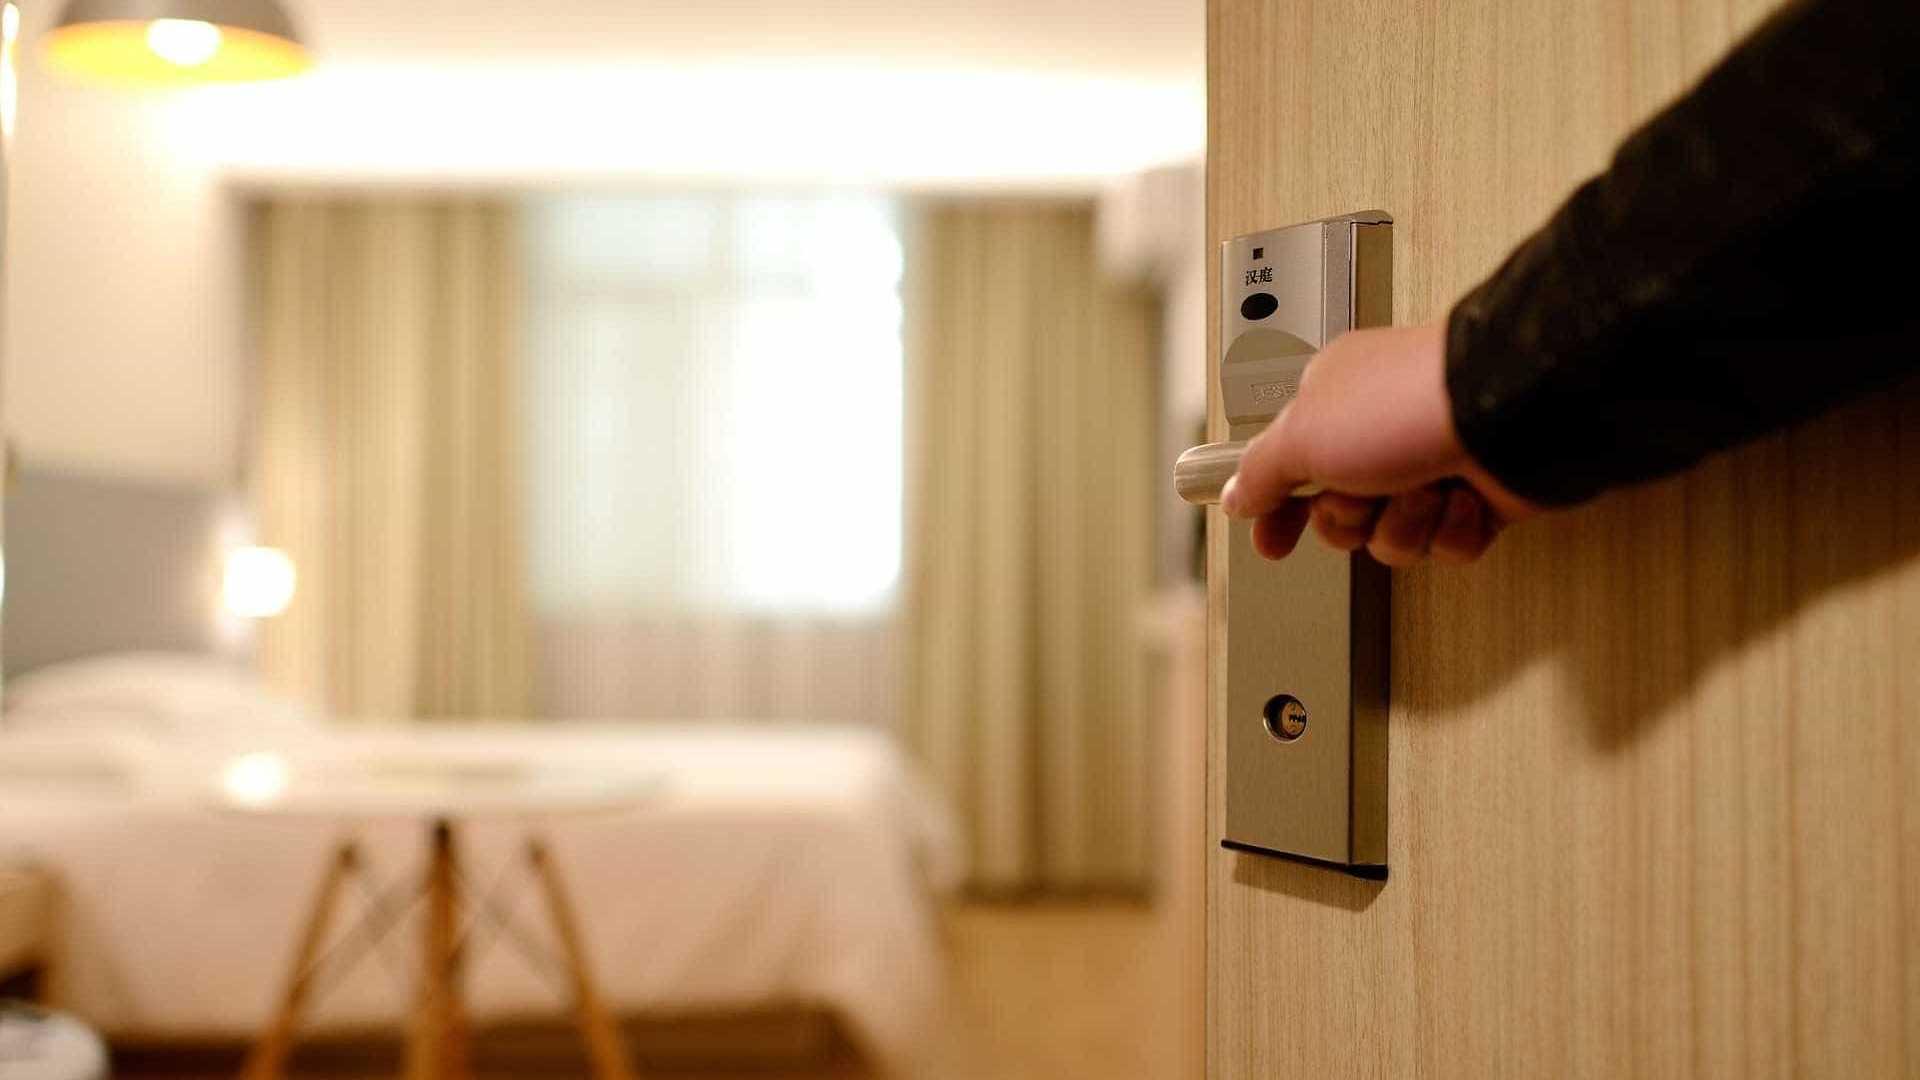 Cinco corpos são achados em hotel de bairro de luxo em Florianópolis